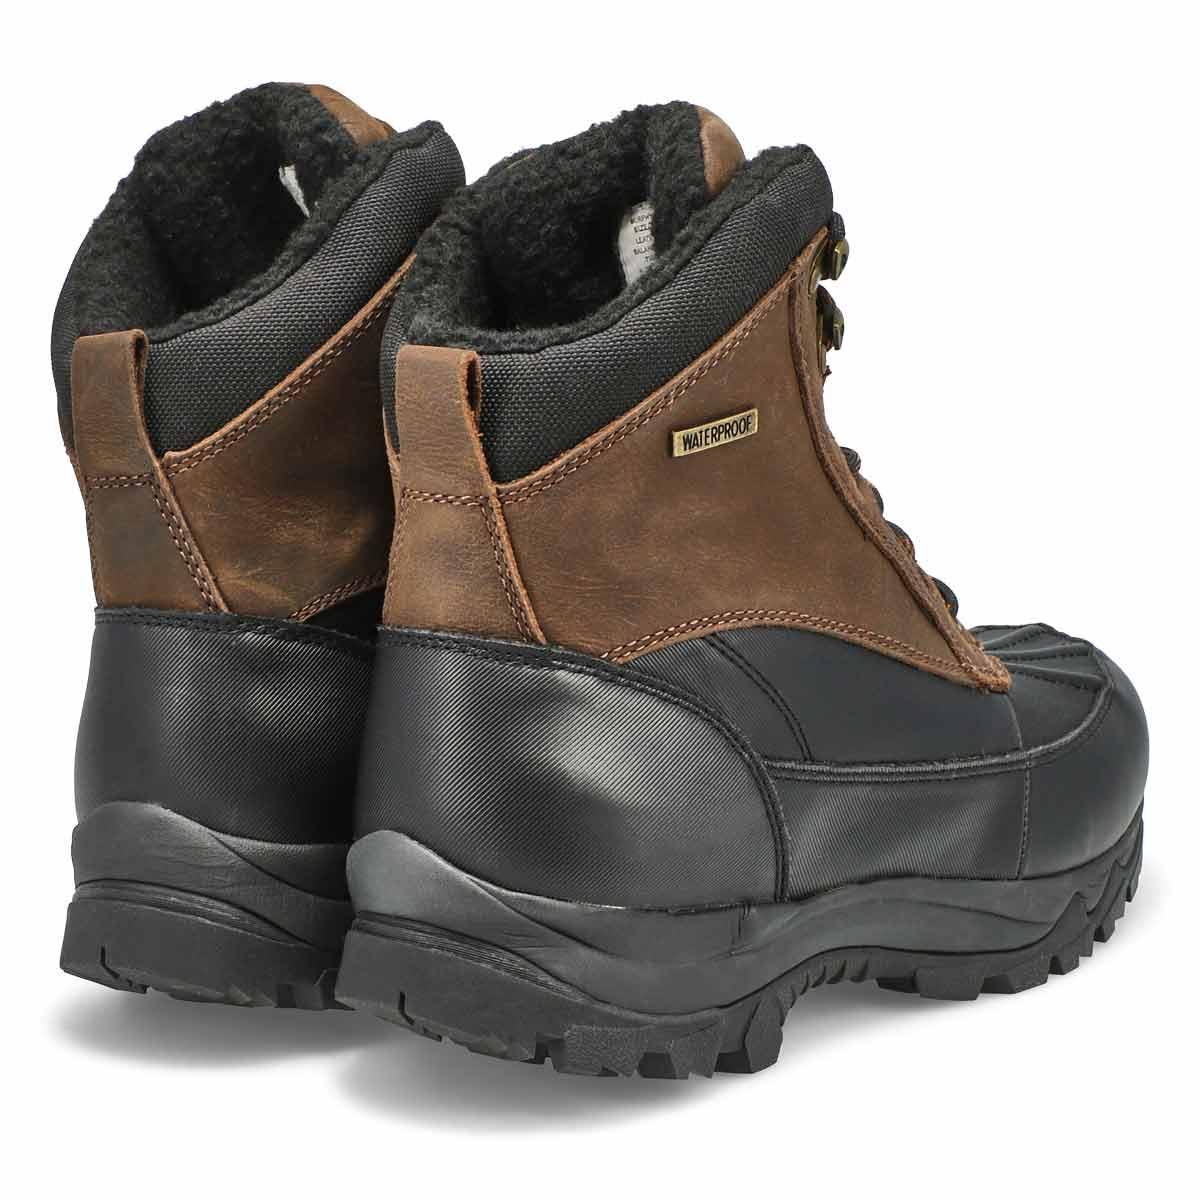 Men's Murphy Waterproof Winter Boot - Brown